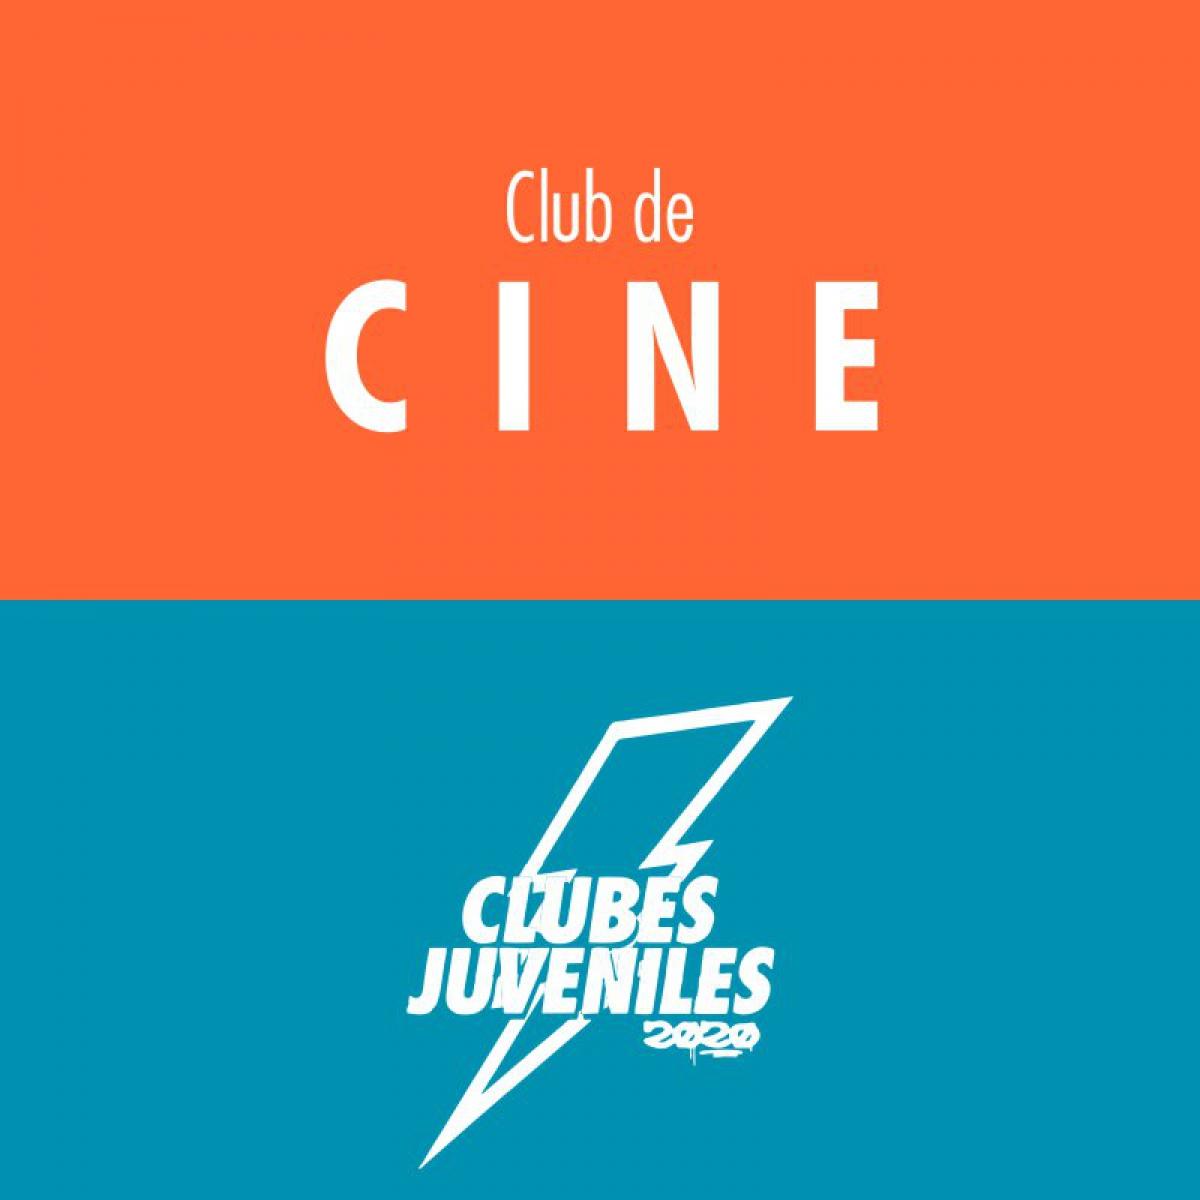 Club de Cine (Ayuntamiento de Marbella)